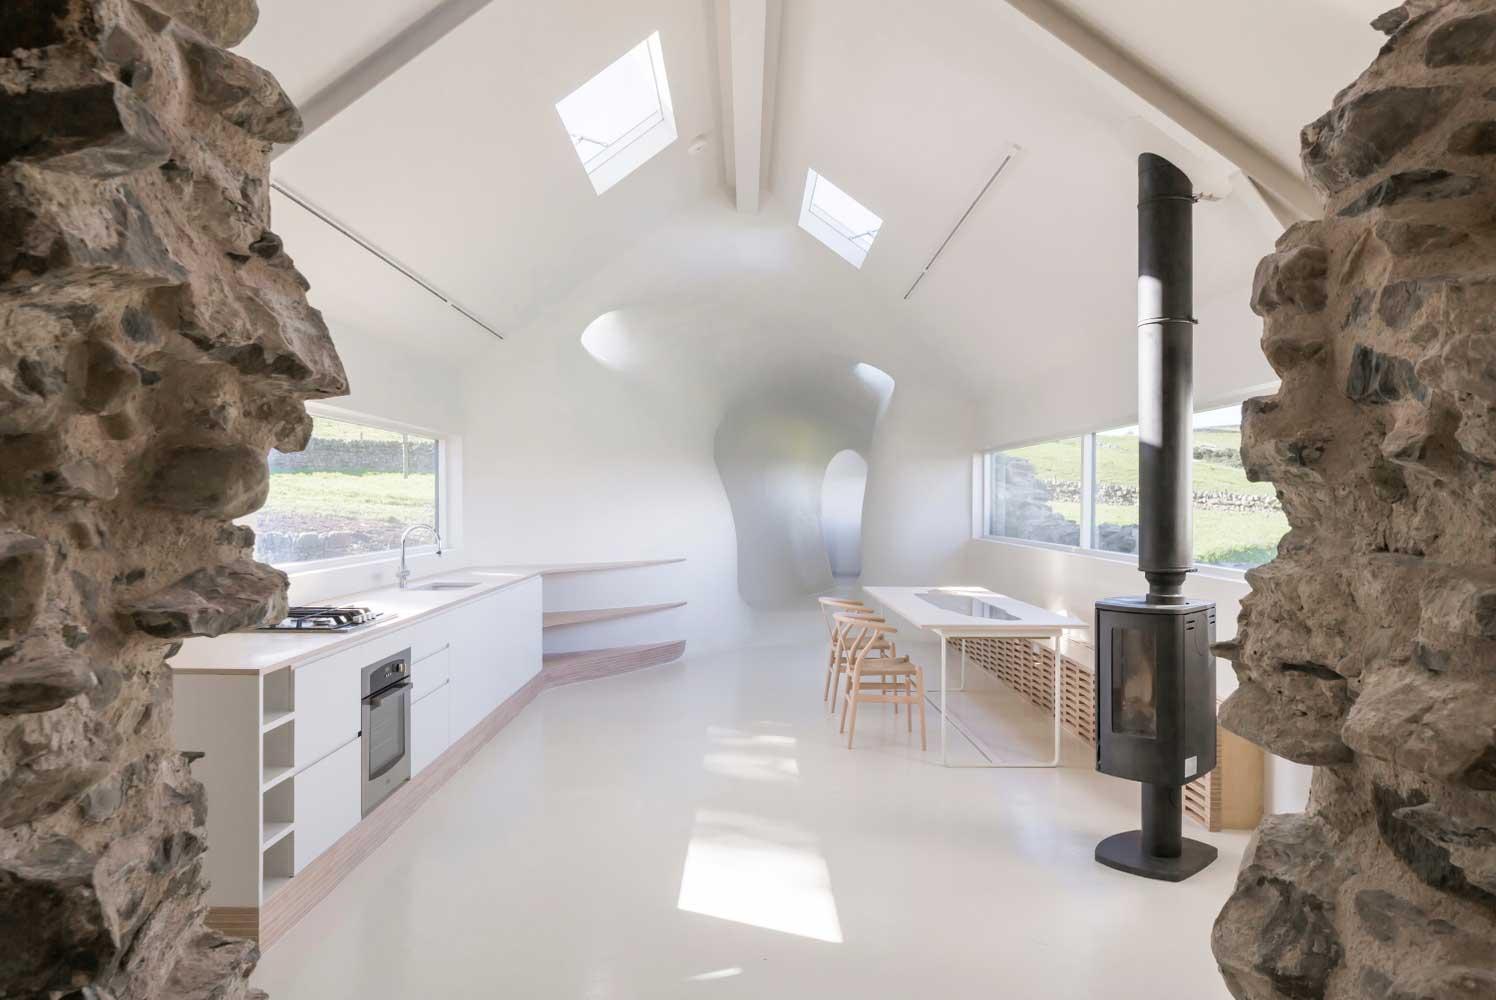 18th Century Ruins Transform into a Futuristic Home | Trendland